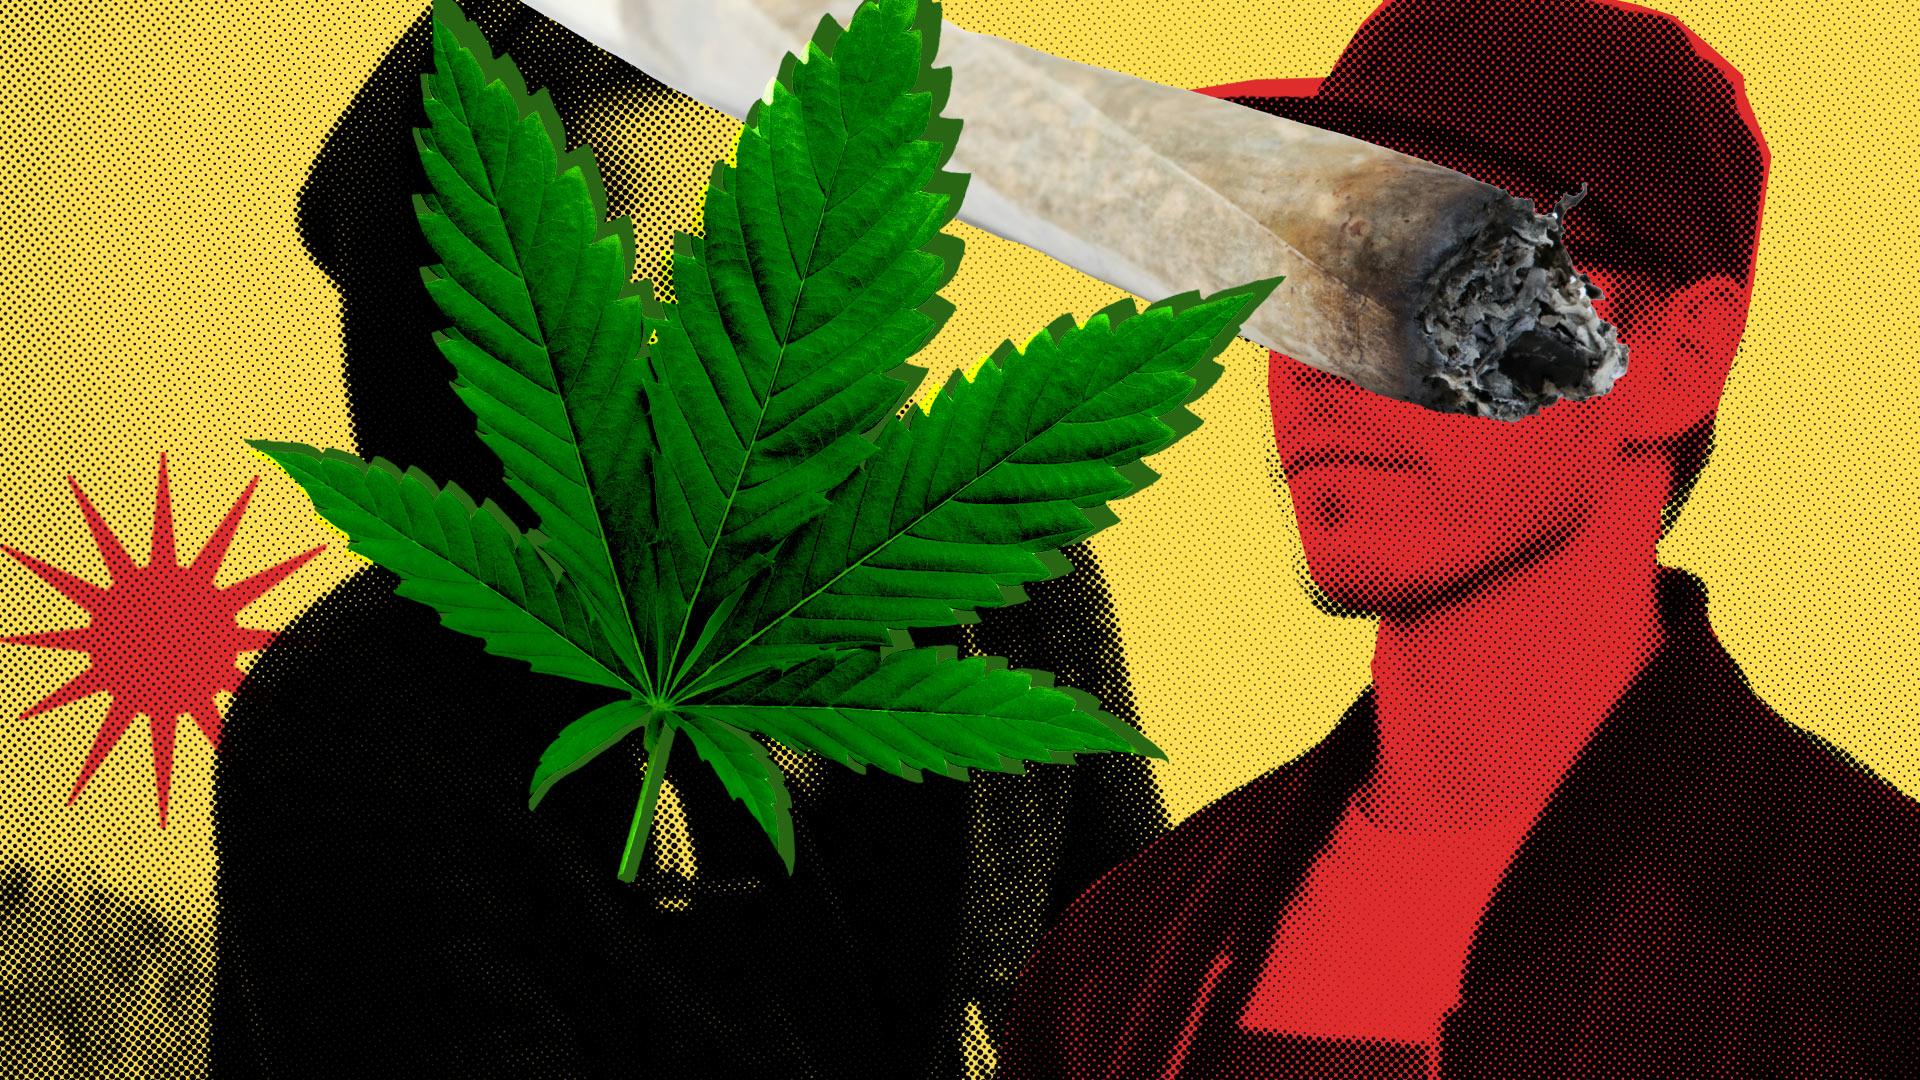 Illustrasjon: Med en gul bakgrunn, ser vi to menn som skurer. En har på seg hettegenser, og vi vi ser kun pannen på mannen –  han er dekket til av en marihuanaplante. Den andre mannen har på seg en caps, jakke og t-skjorte. Vi ser ikke øyner eller øverst i ansiktet, han er tildekket av en joint.